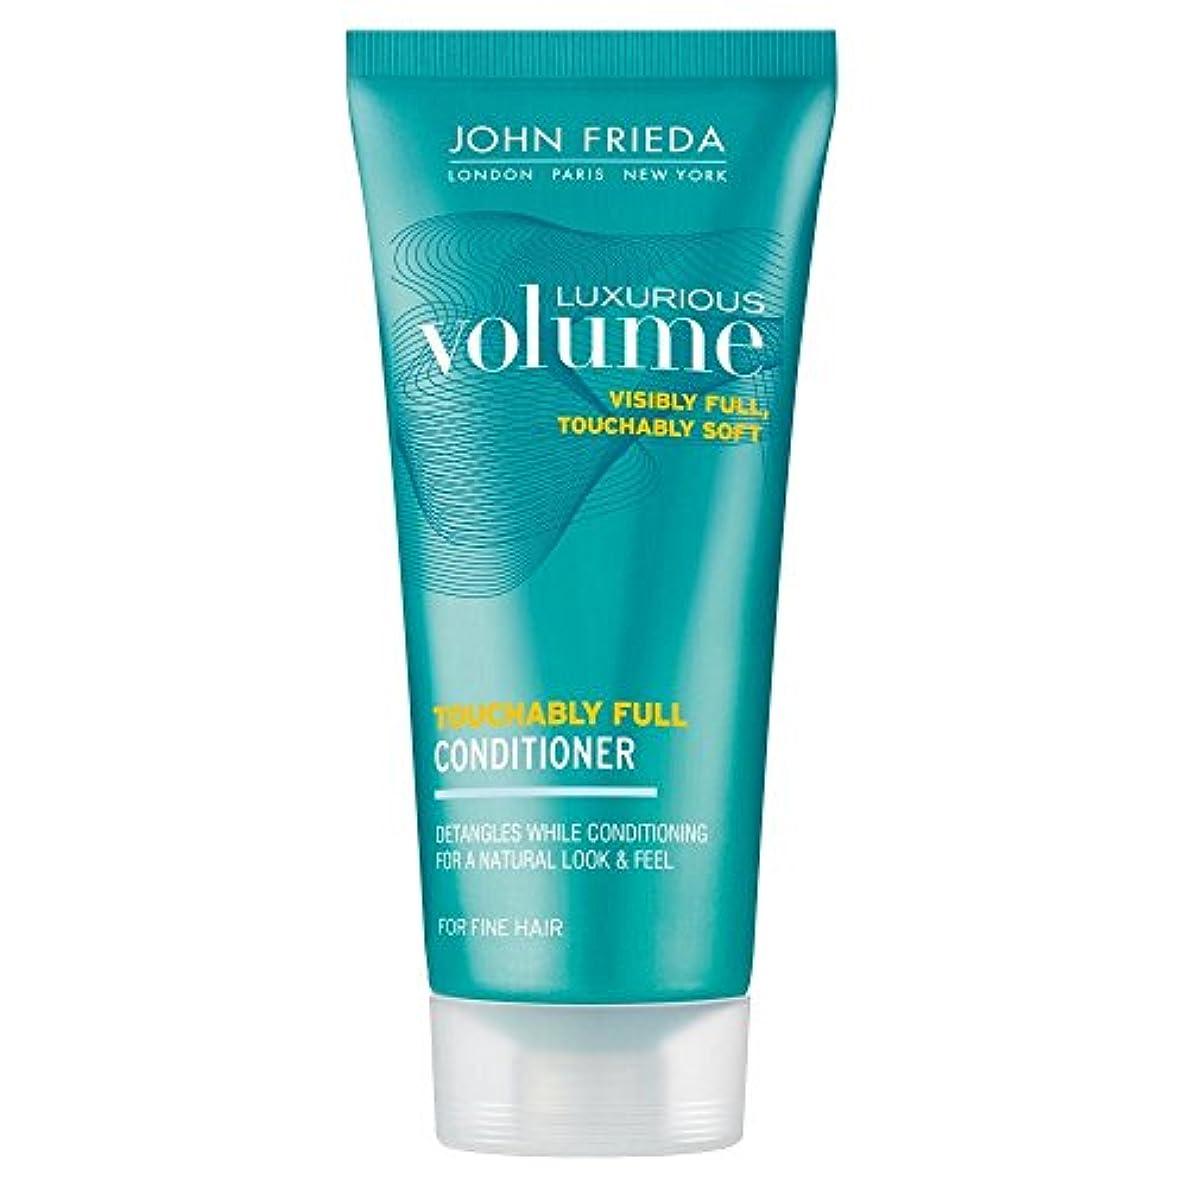 暗殺者思春期の極地John Frieda Luxurious Volume Thickening Conditioner (50ml) ジョン?フリーダ豪華なボリューム増粘コンディショナー( 50ミリリットル) [並行輸入品]